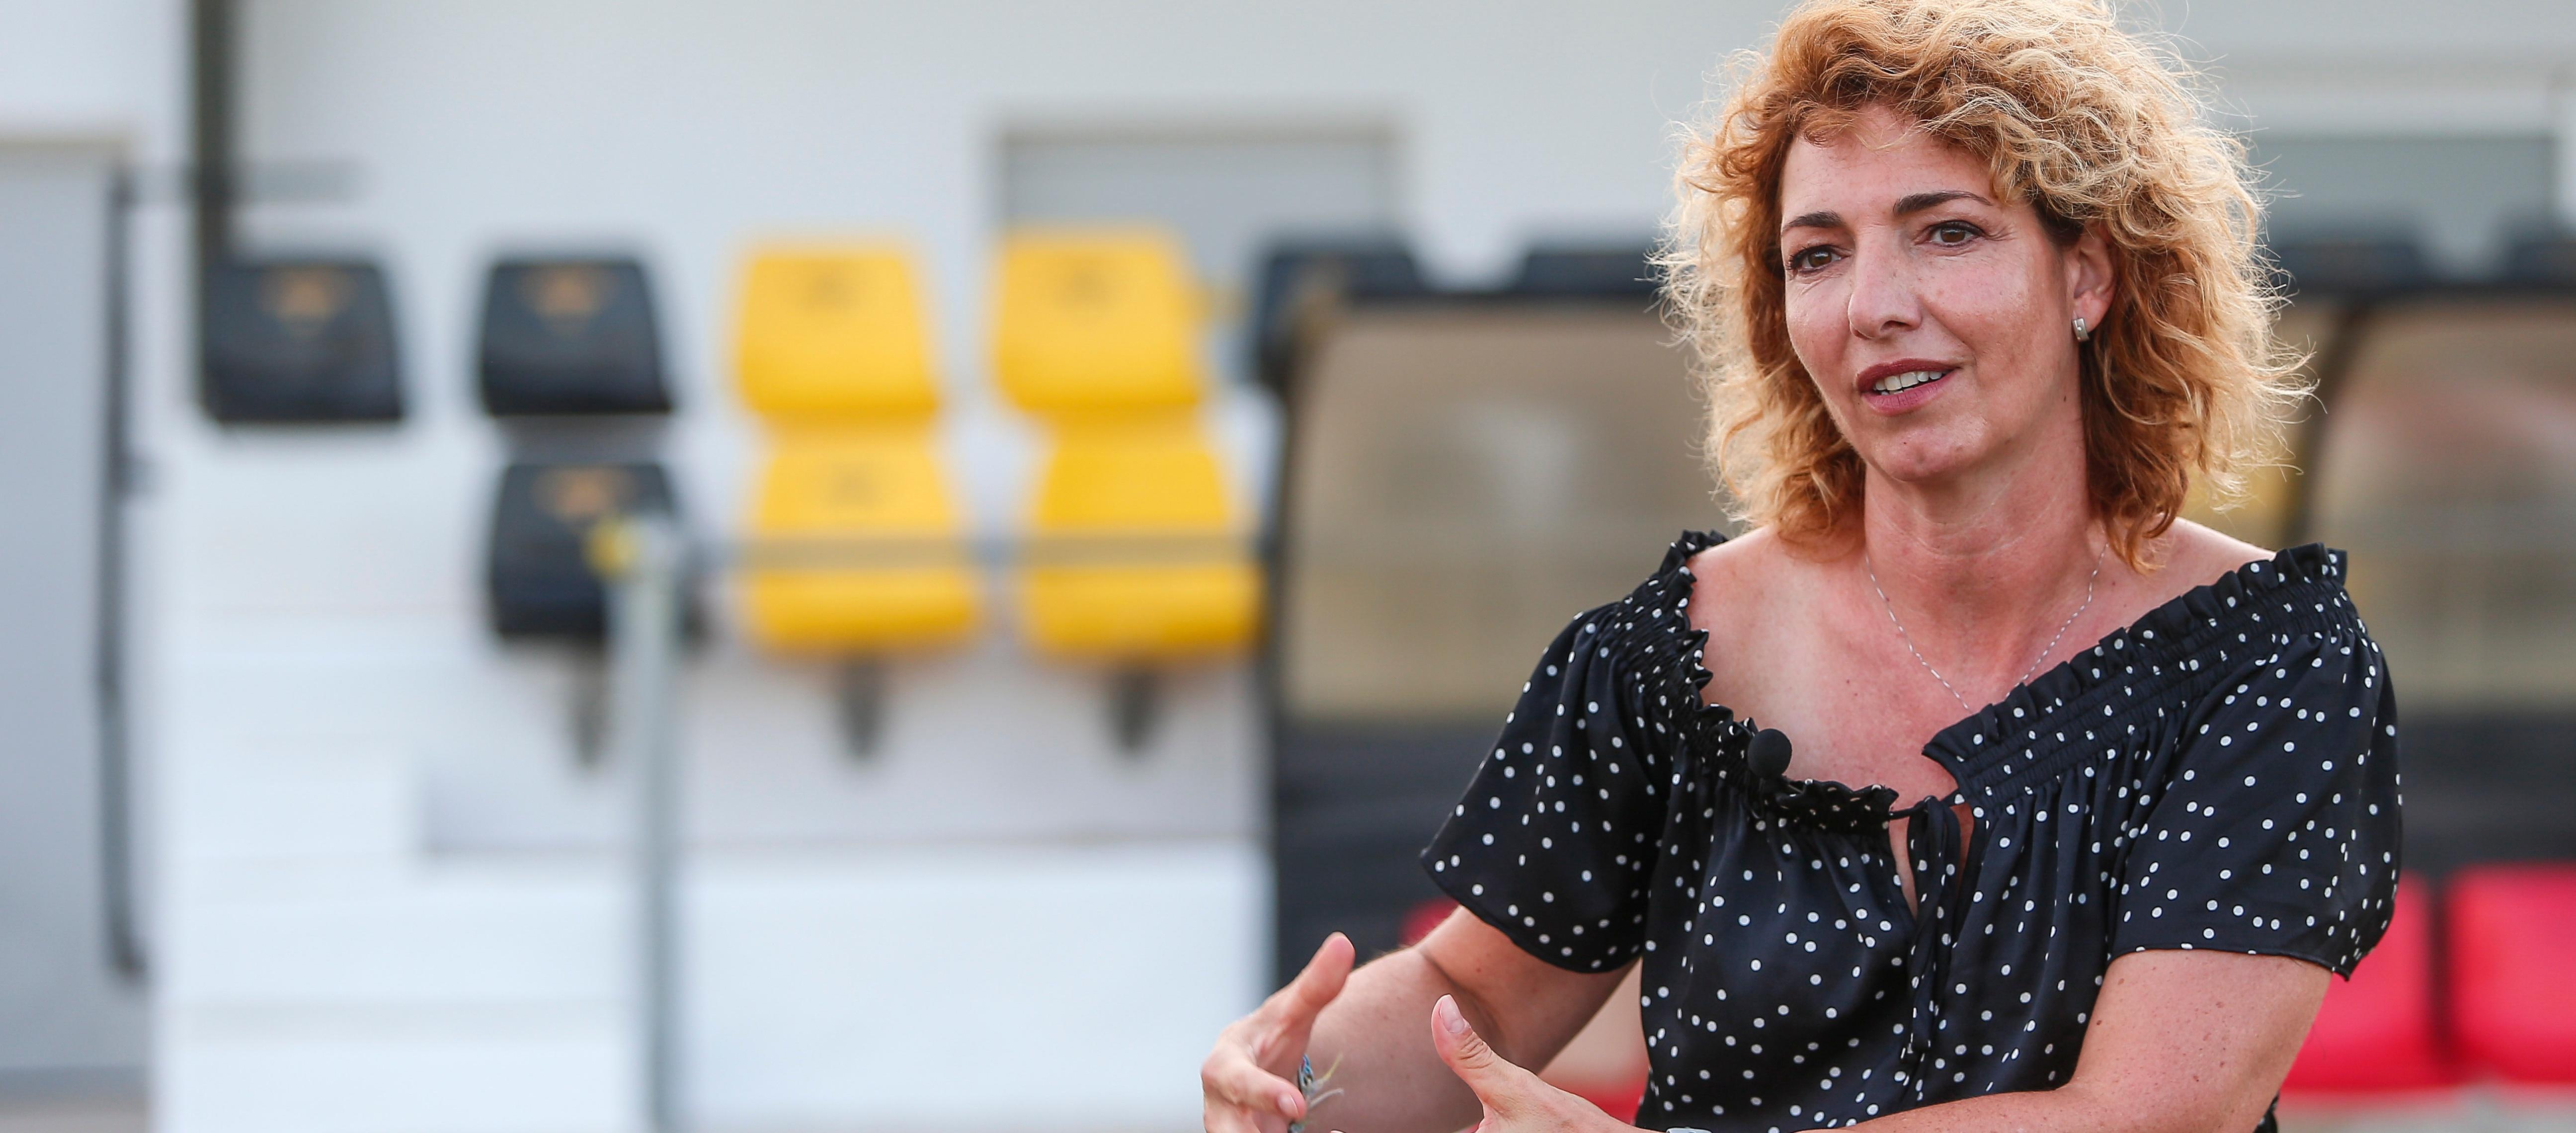 """Mònica Llambrich: """"La passió per allò que fas és clau per liderar un club"""""""